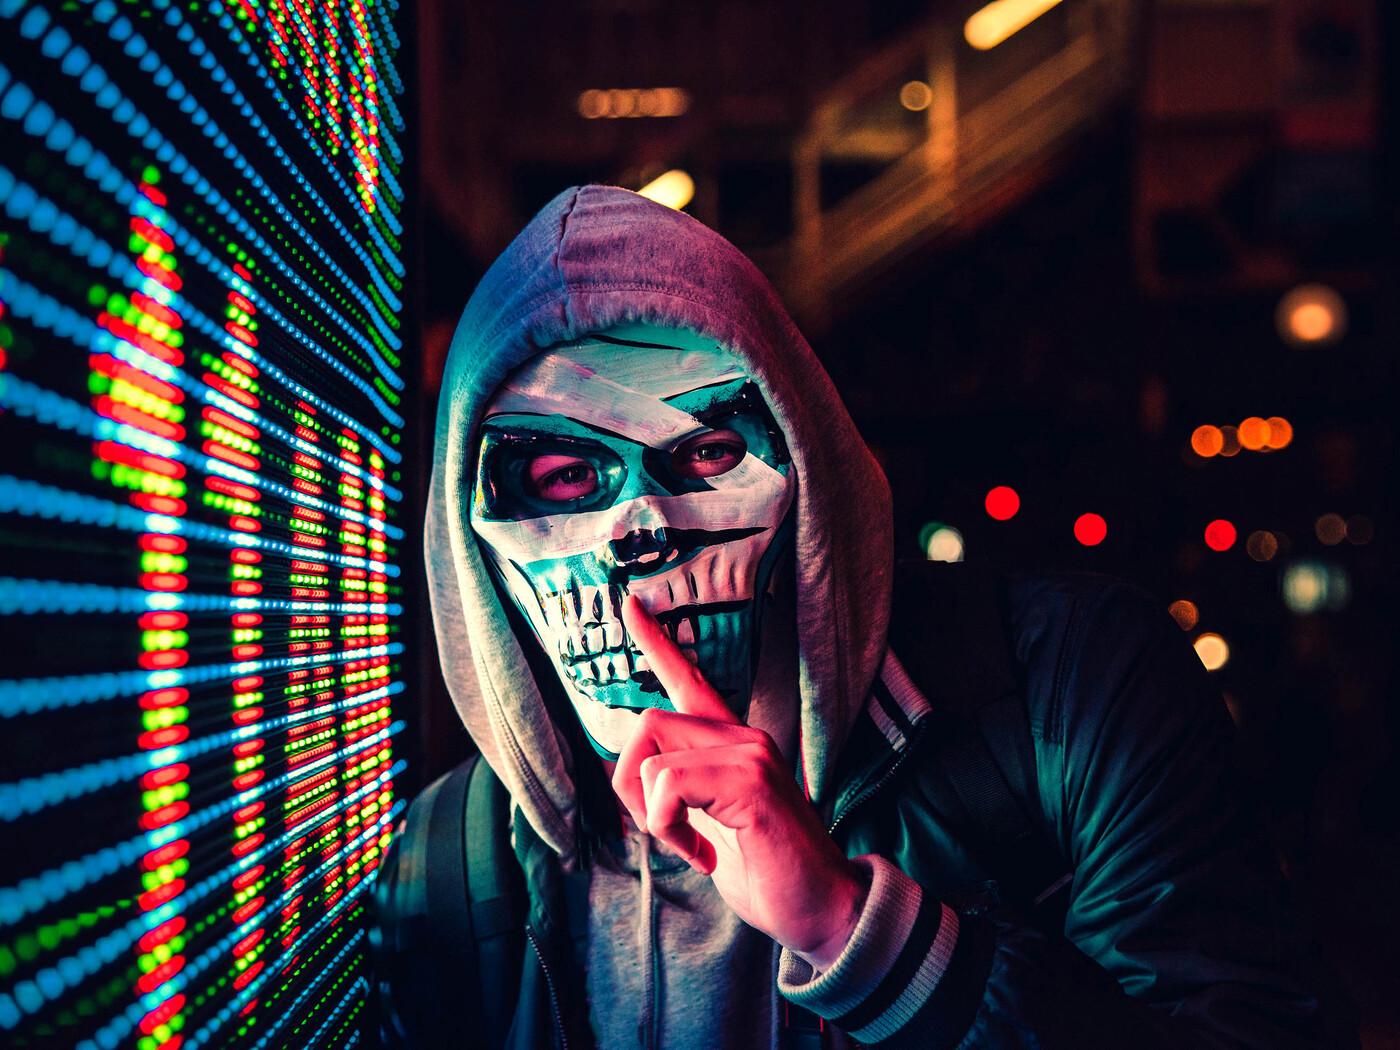 skull-face-mask-man-r6.jpg